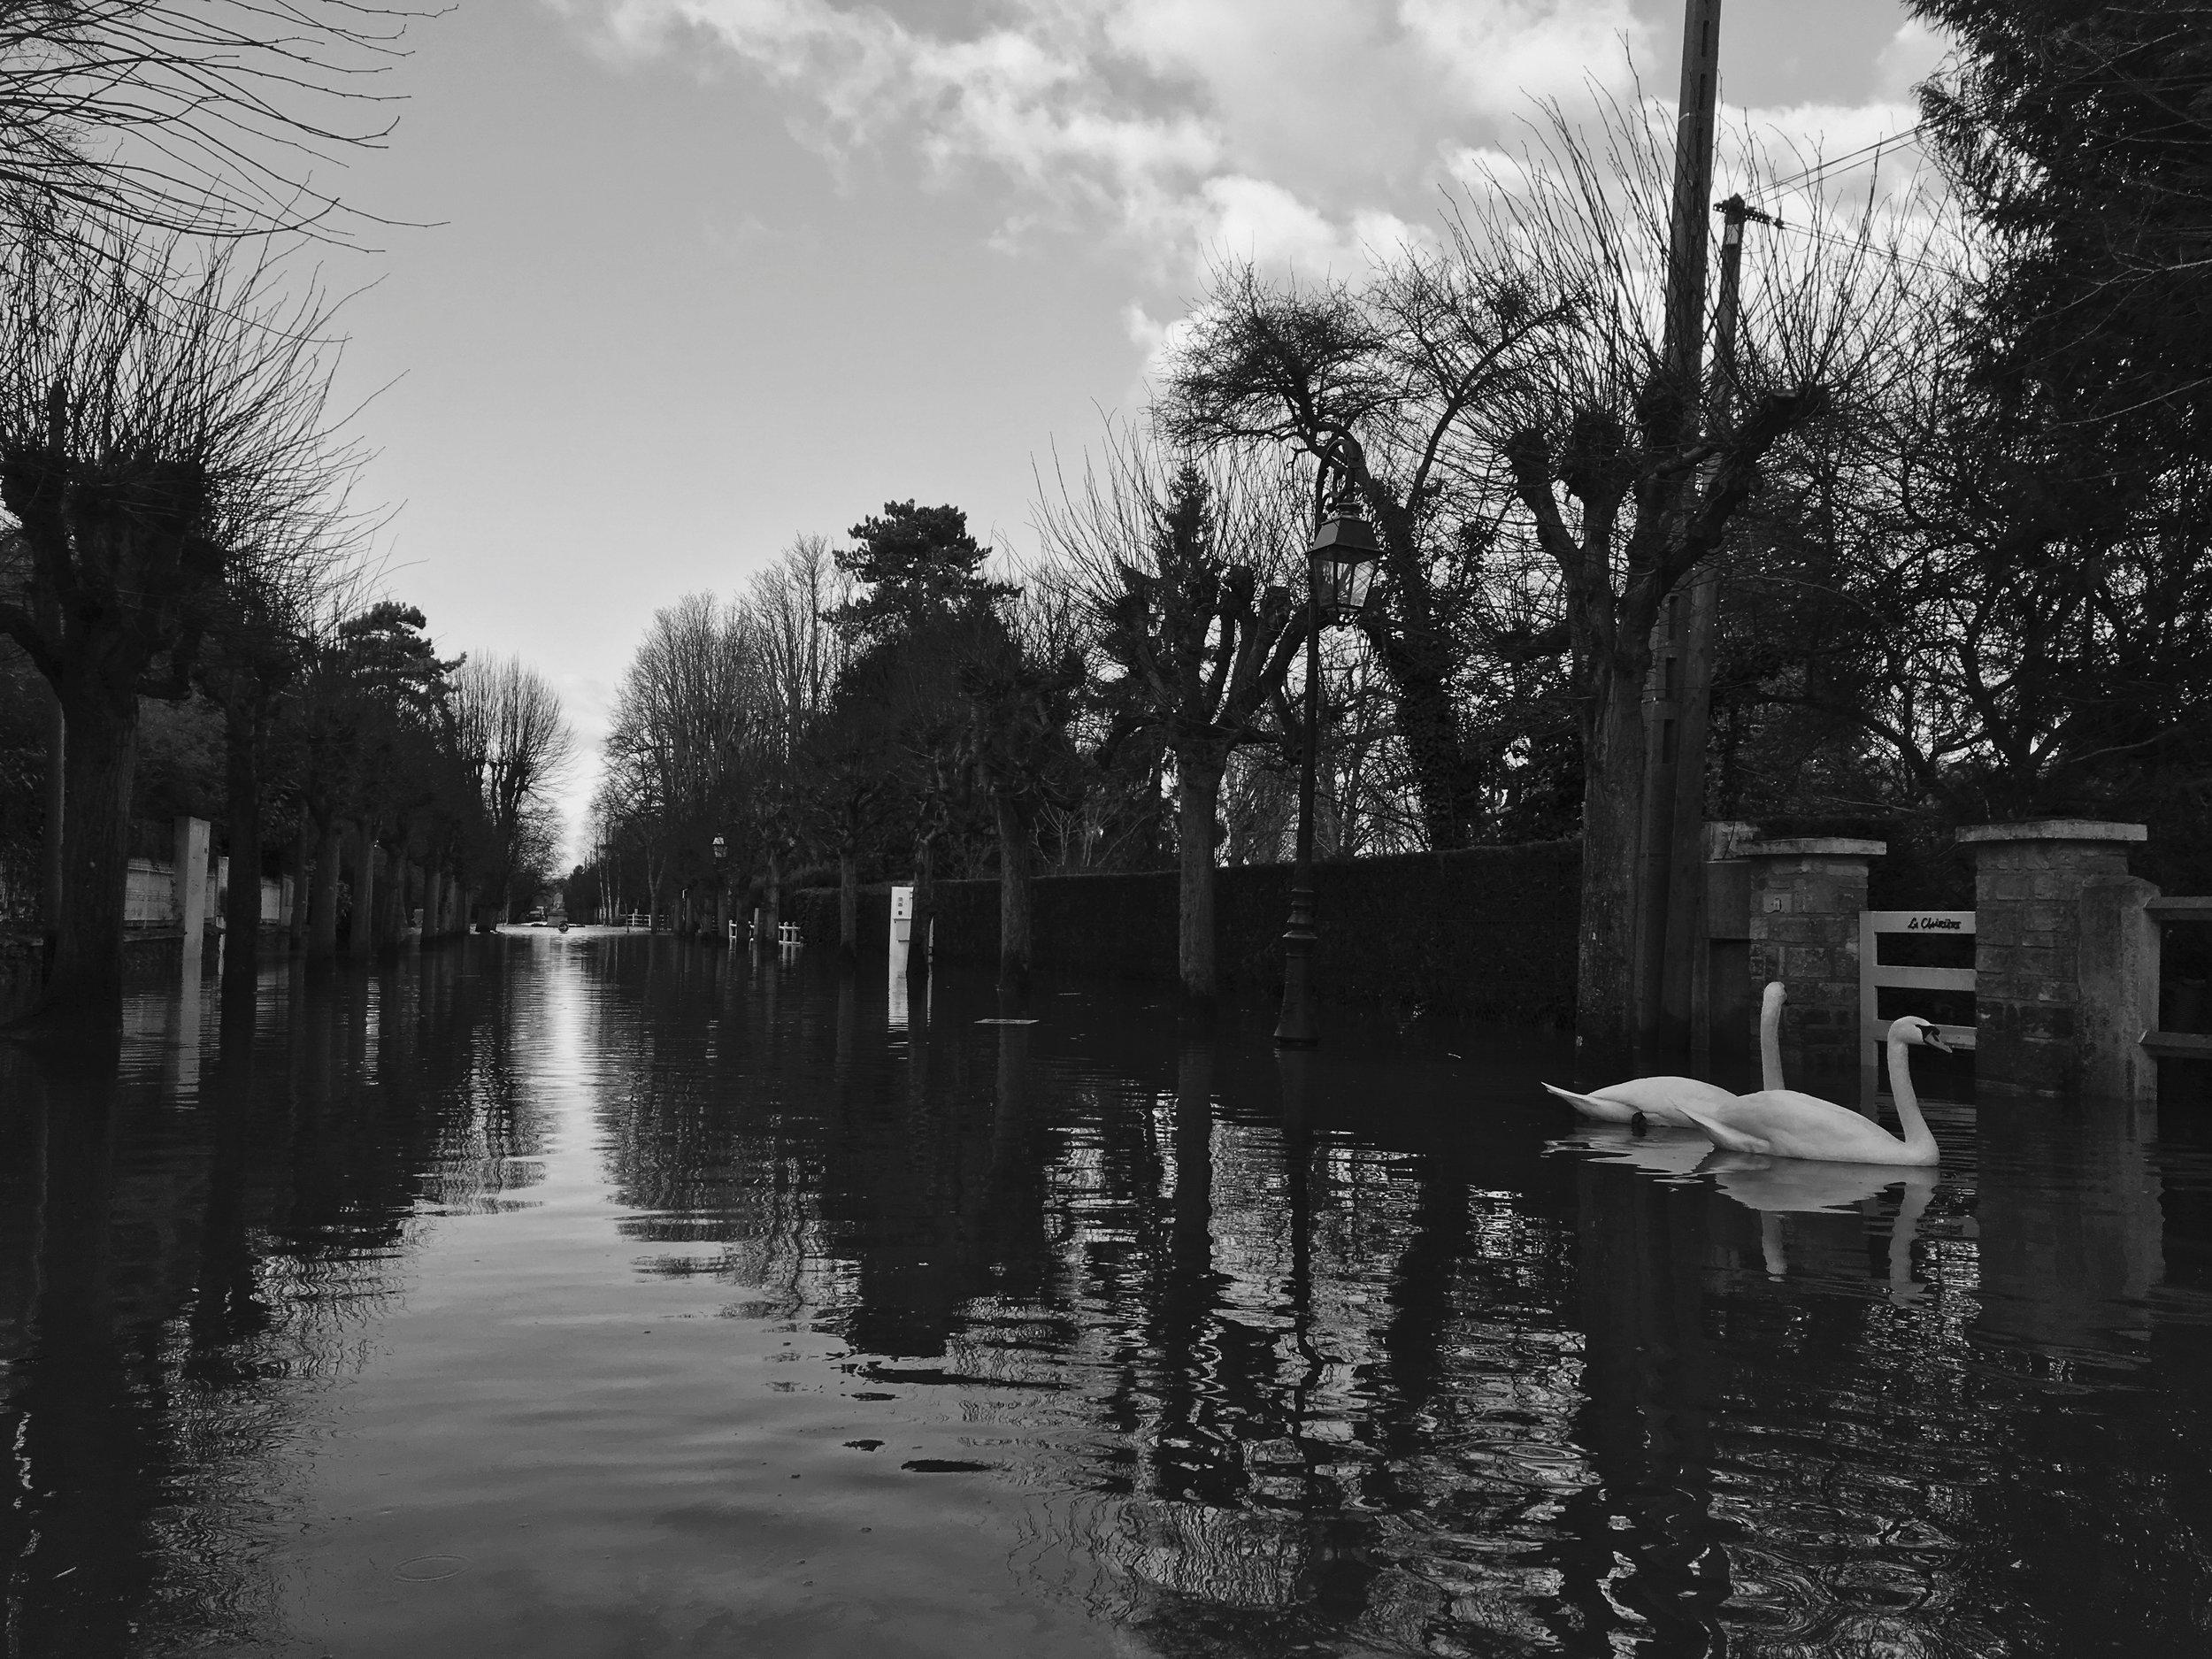 Scènes de la crue hivernale de la Seine à Villennes-sur-Seine, Yvelines le 4 février 2018. Tandis que les résidents ont trouvé des façons créatives pour s'adapter à la situation, les inondations ont causé des dégâts matériels importants dans la Vallée de la Seine.